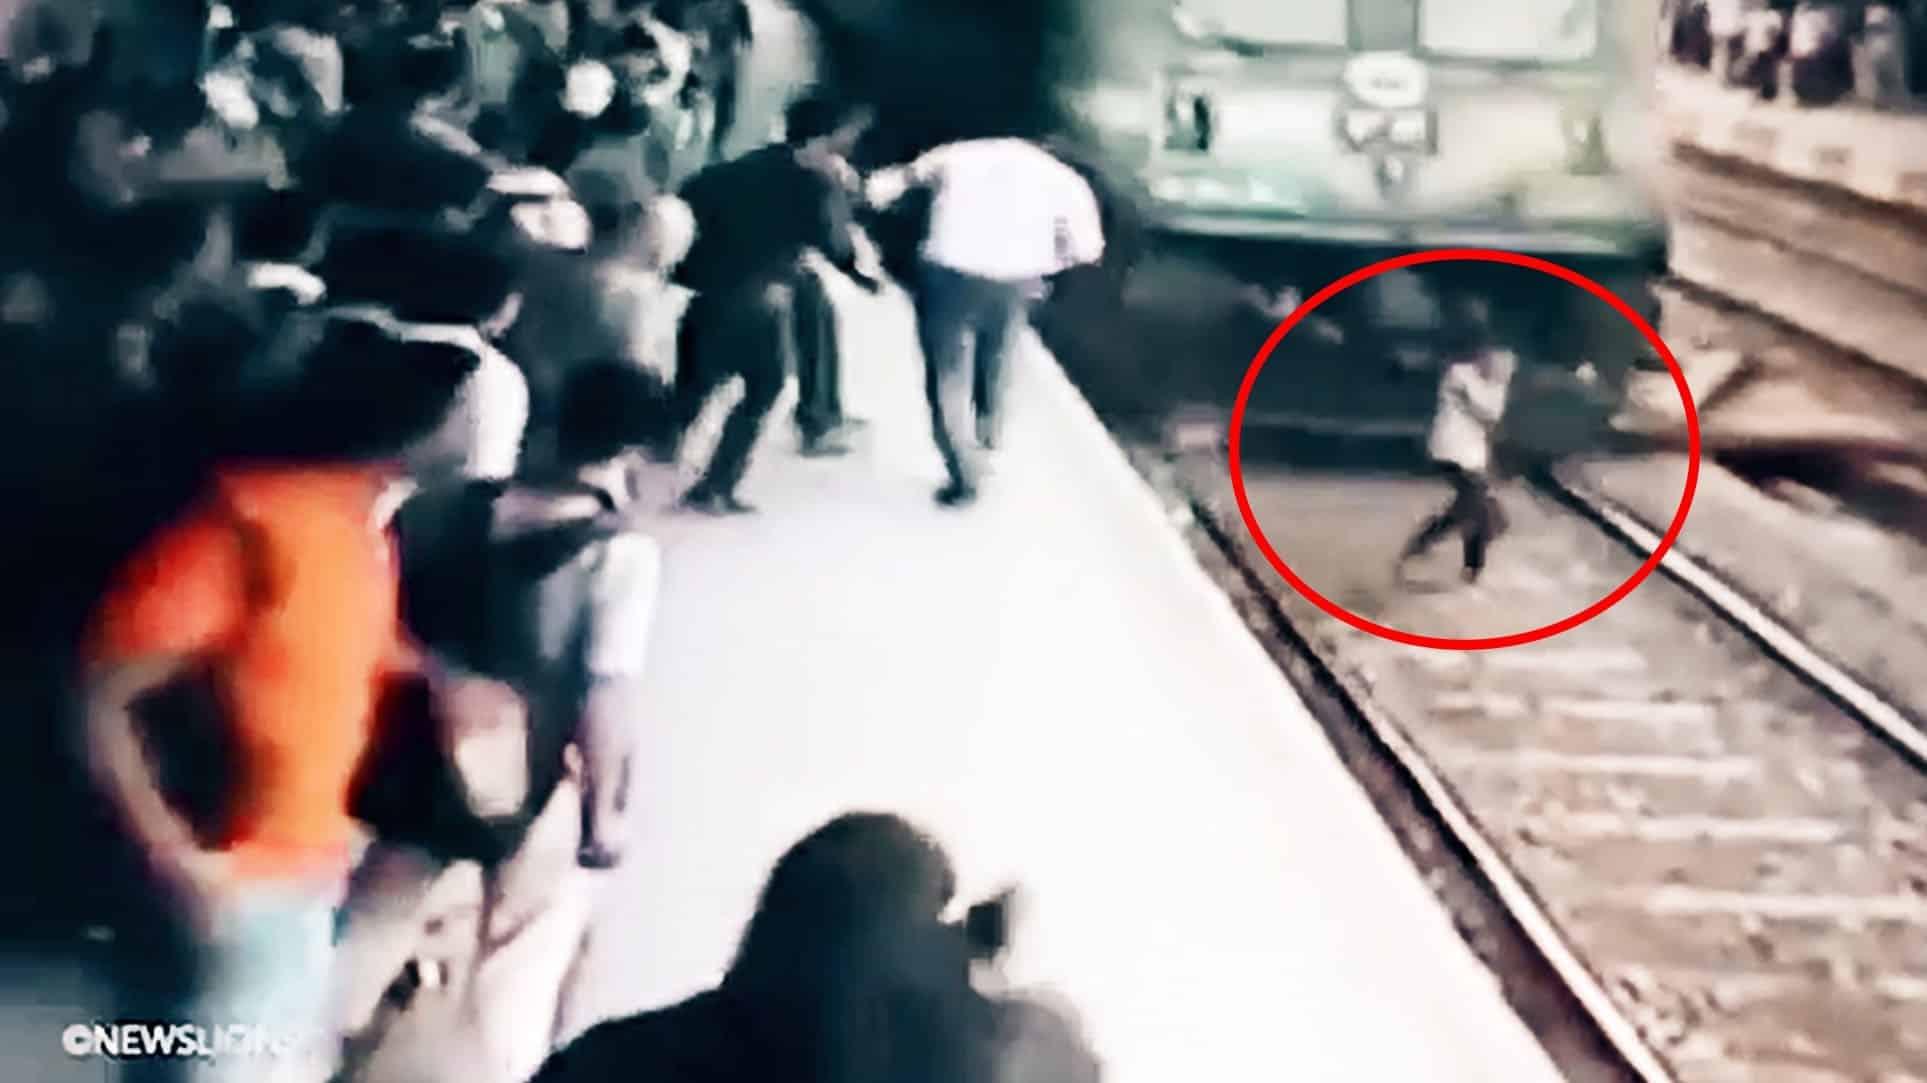 #Video Chica es arrollada por un tren mientras hablaba por teléfono y sobrevive 12